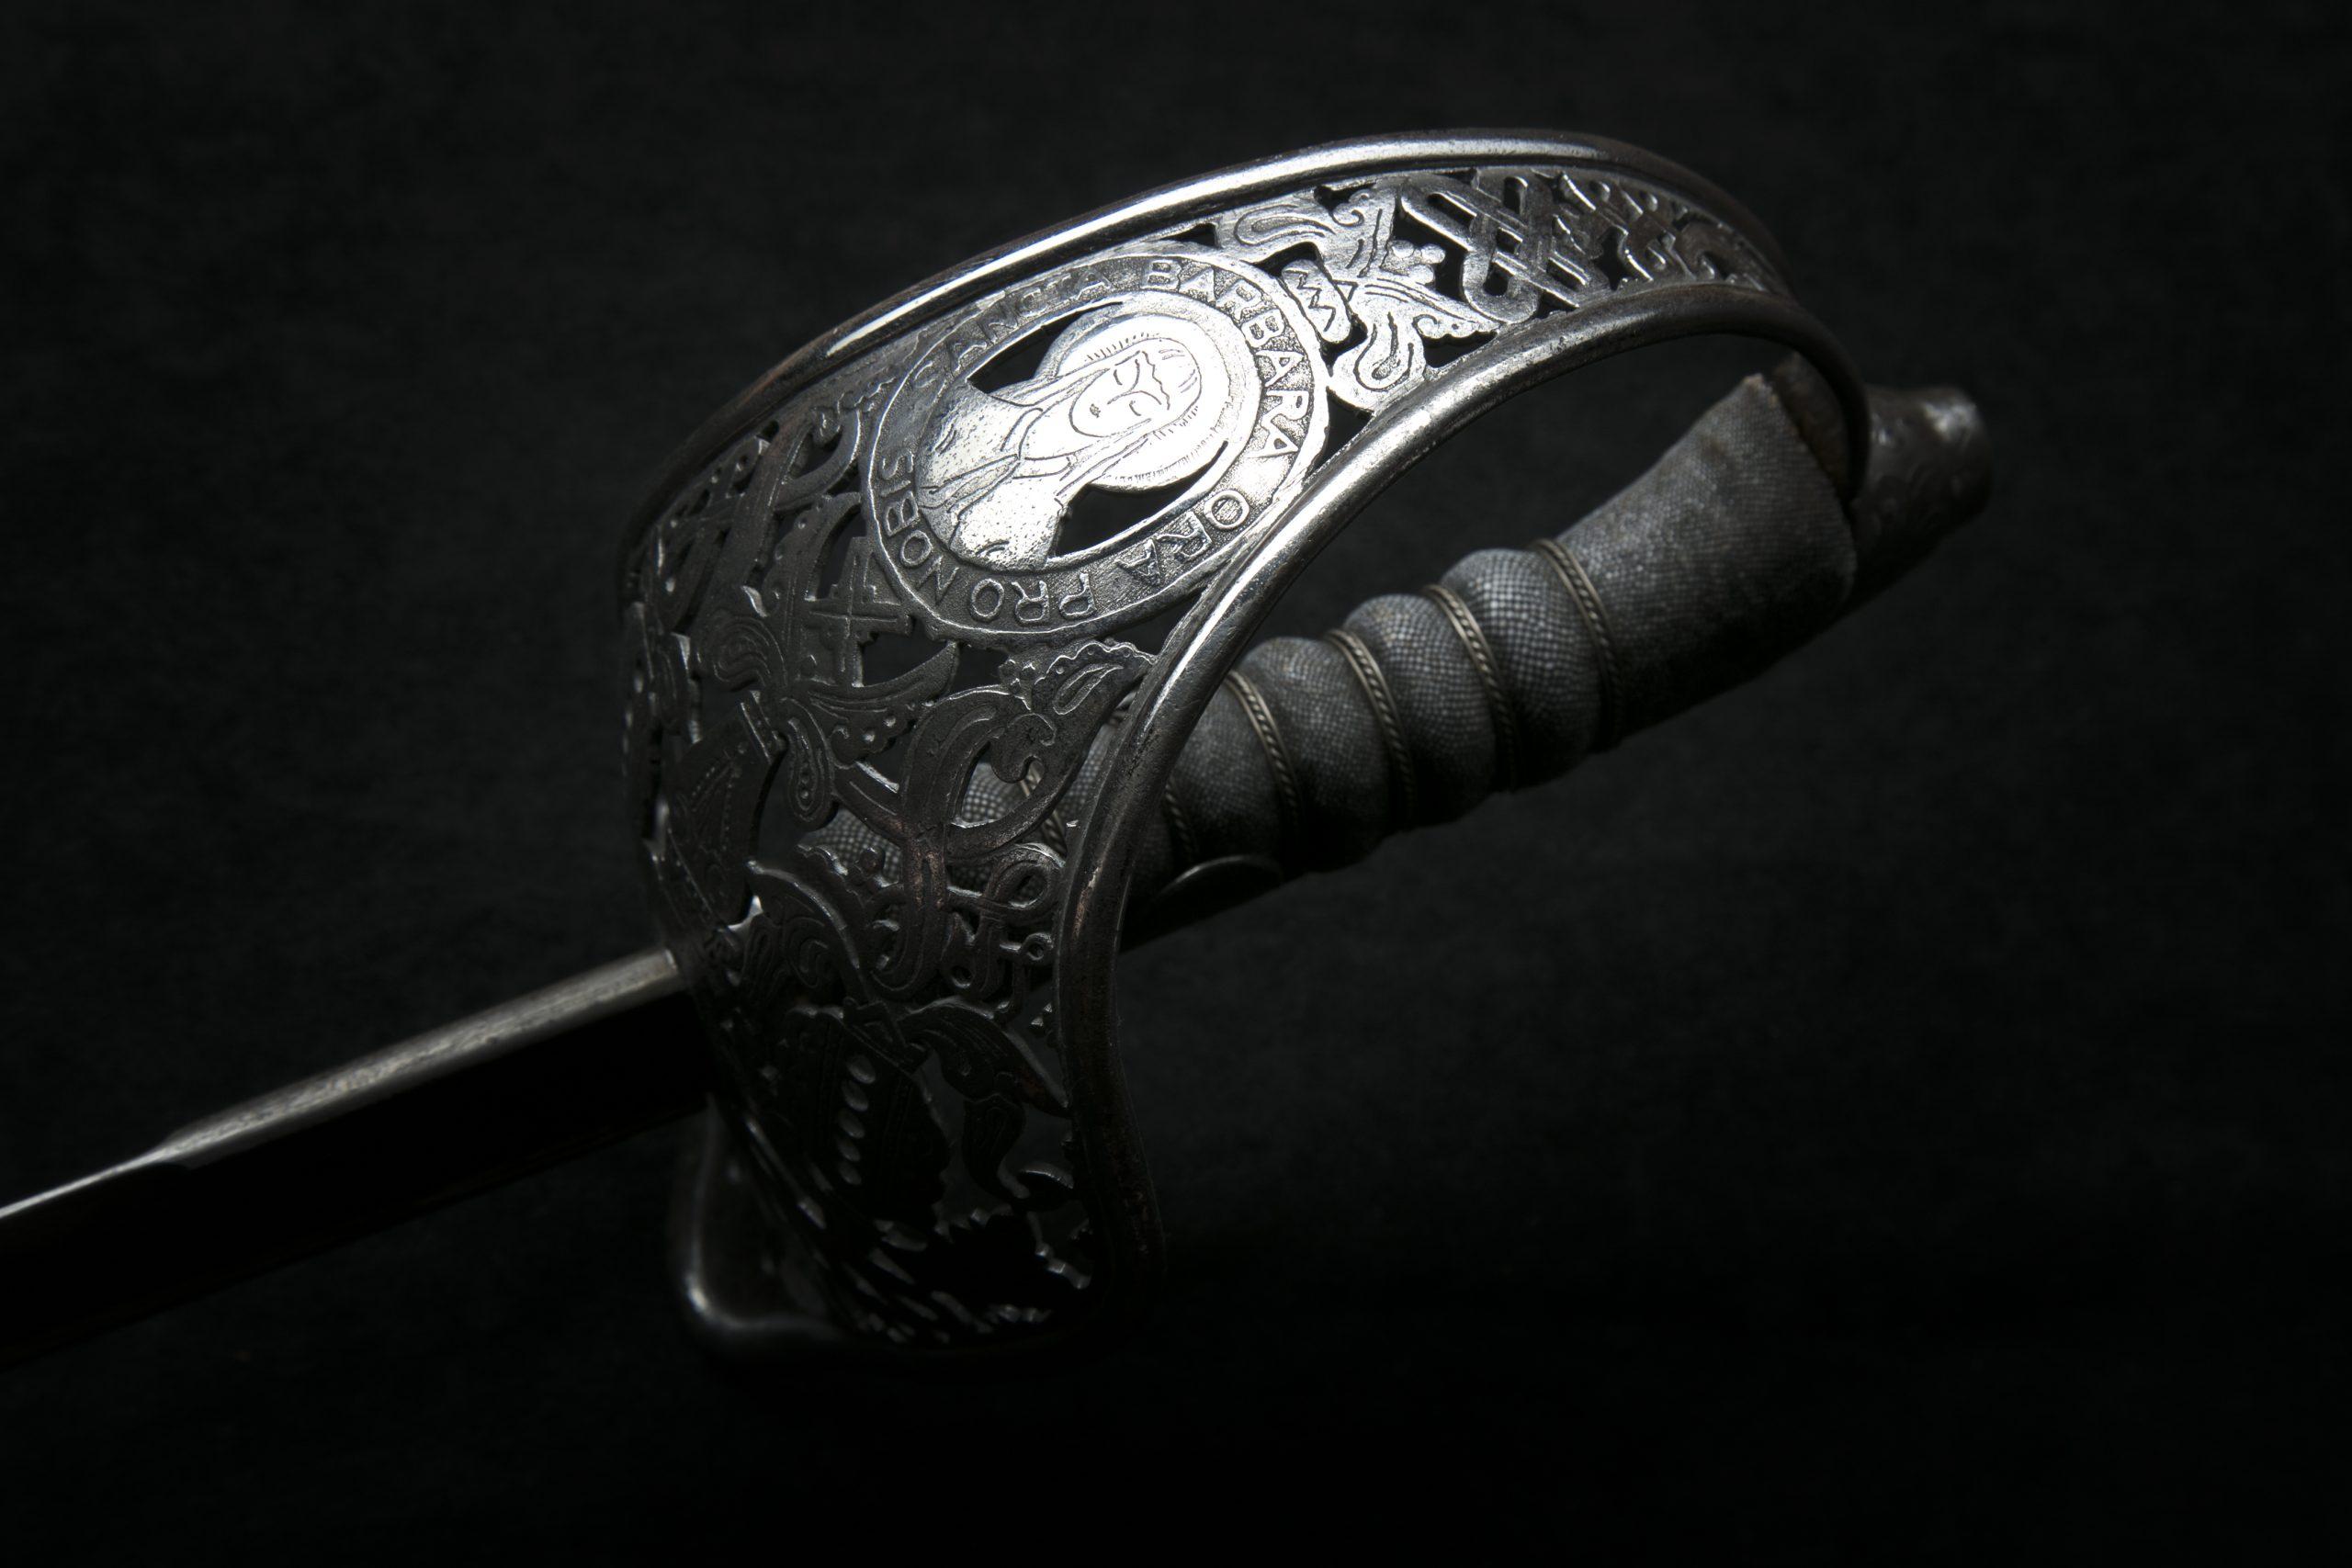 Szent Borbála kard